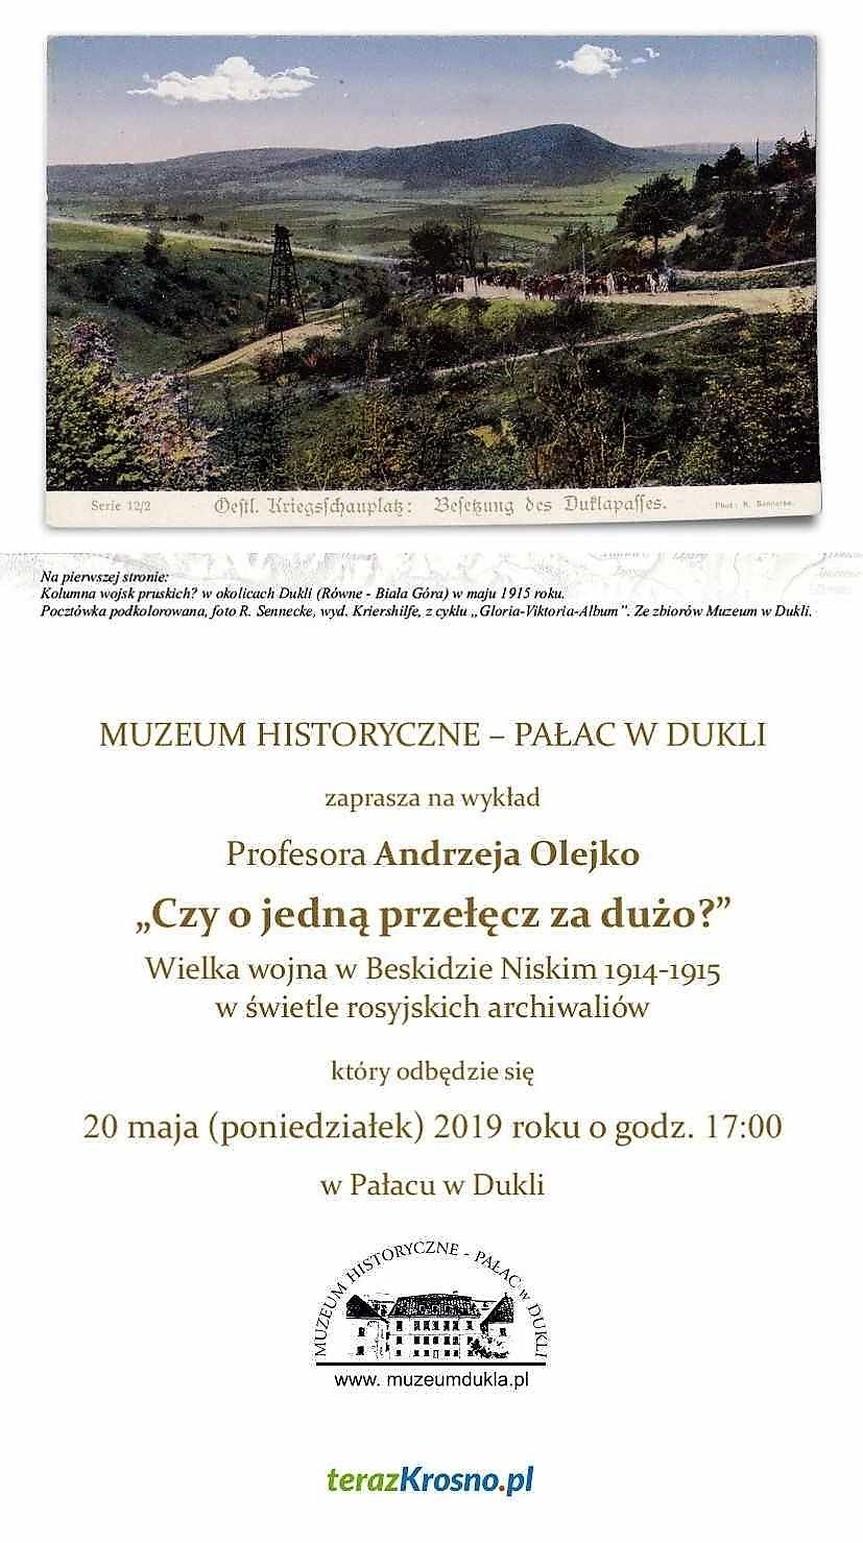 Wykład Profesora Andrzeja Olejko w Muzeum w Dukli